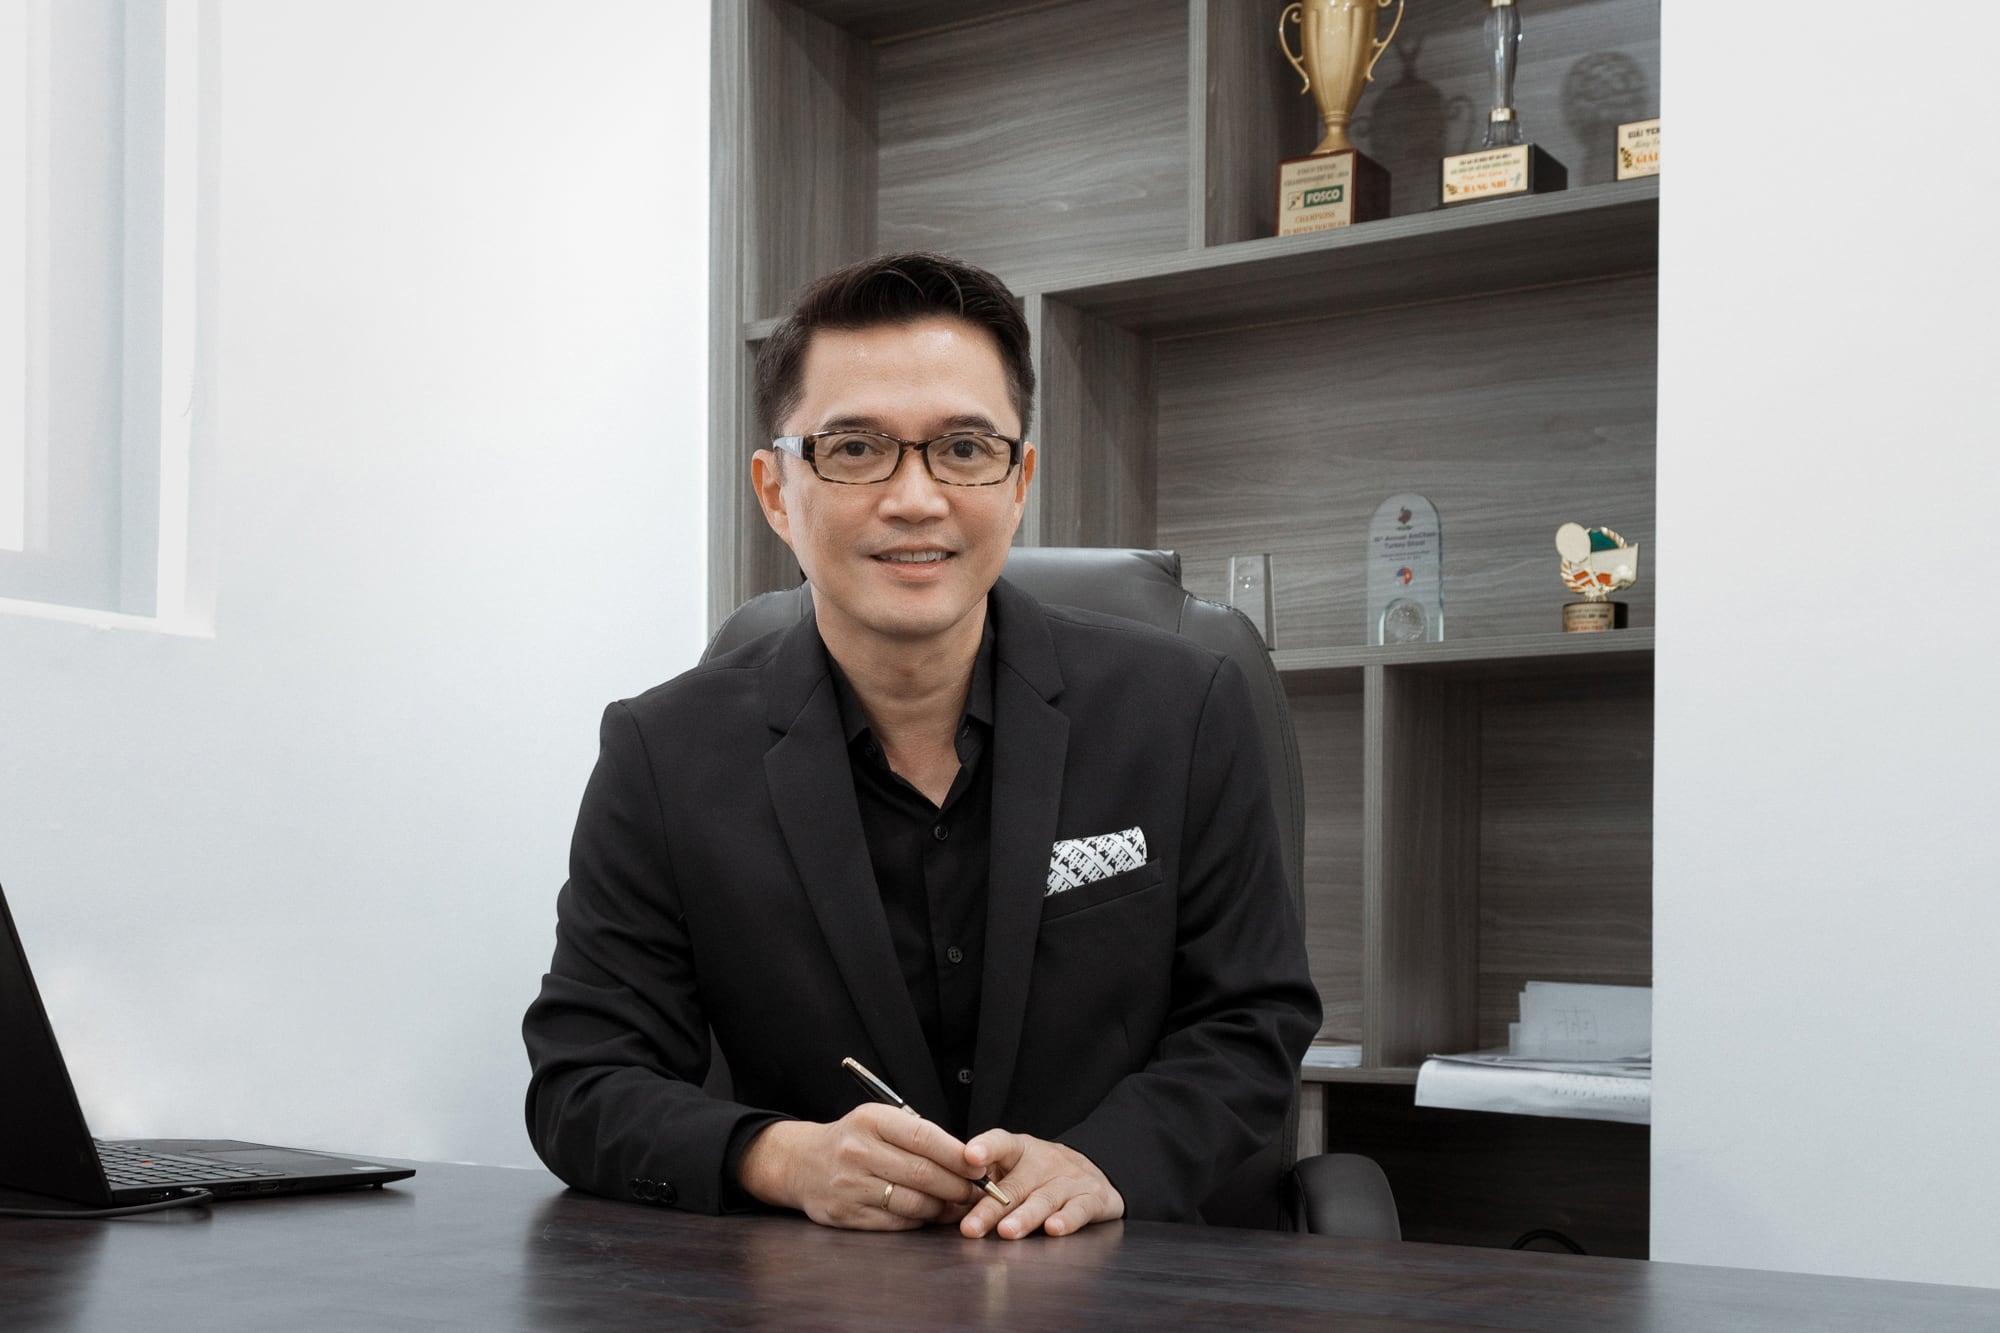 Ông Phi Nguyễn, Tổng Giám đốc của Sơn Kim Retail. | Nguồn: Cơ Nguyễn/Vietcetera.